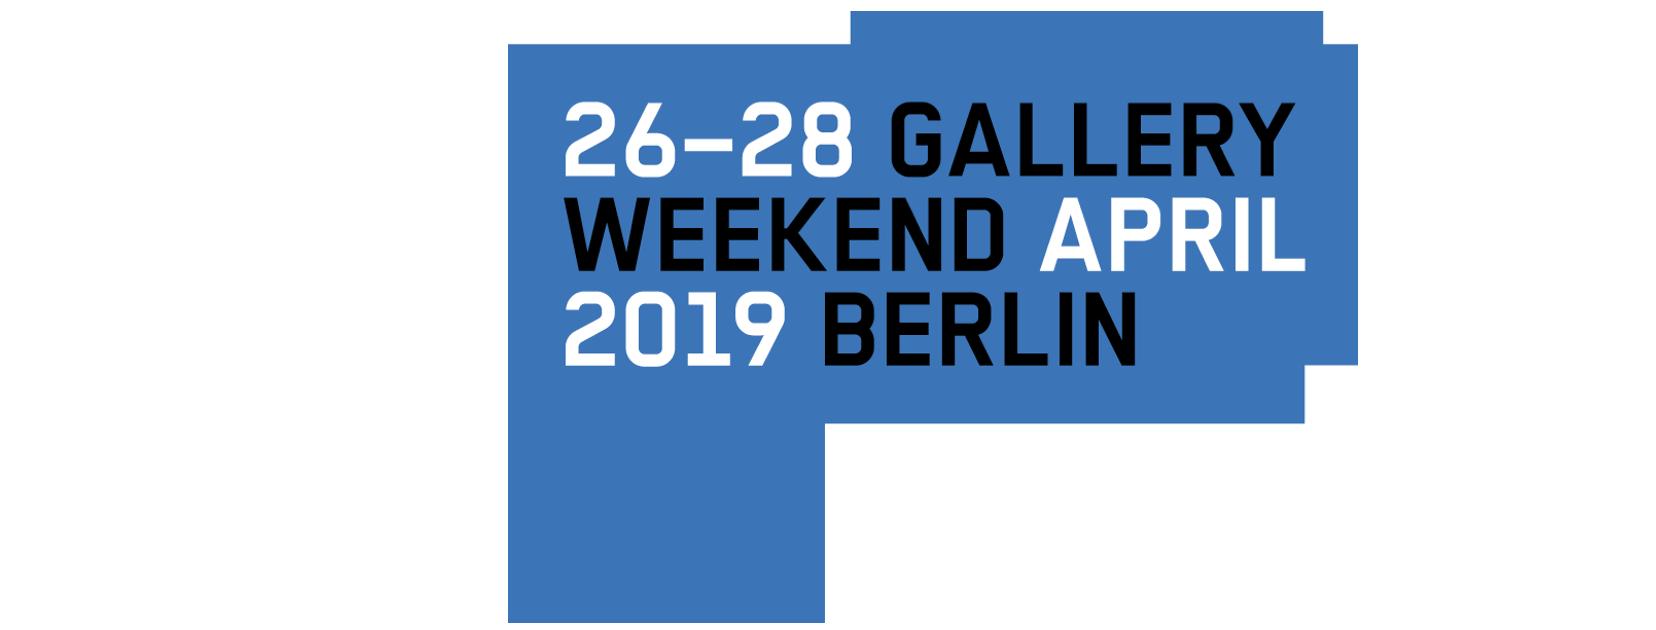 Gallery Weekend Berlin 2019.